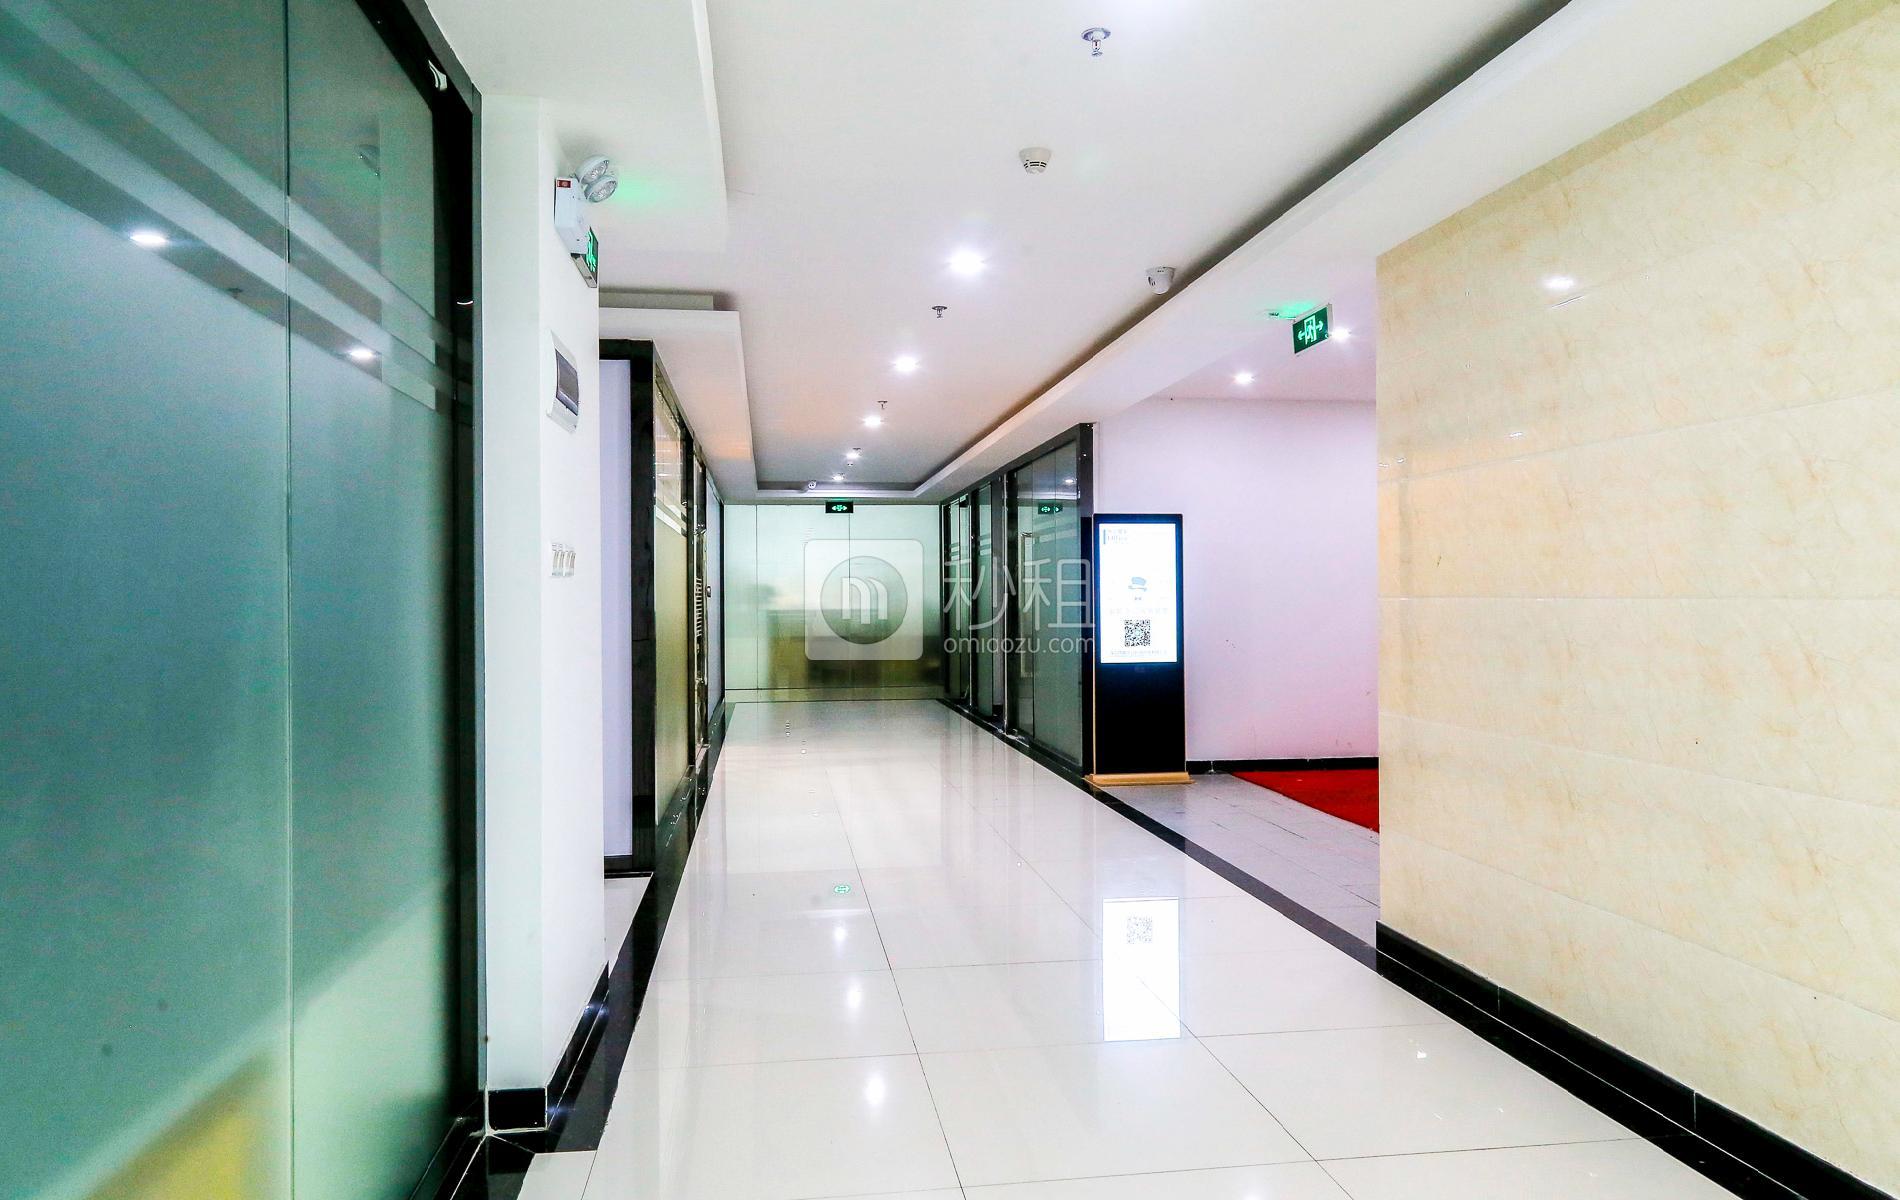 高新技术产业园写字楼出租/招租/租赁,高新技术产业园办公室出租/招租/租赁